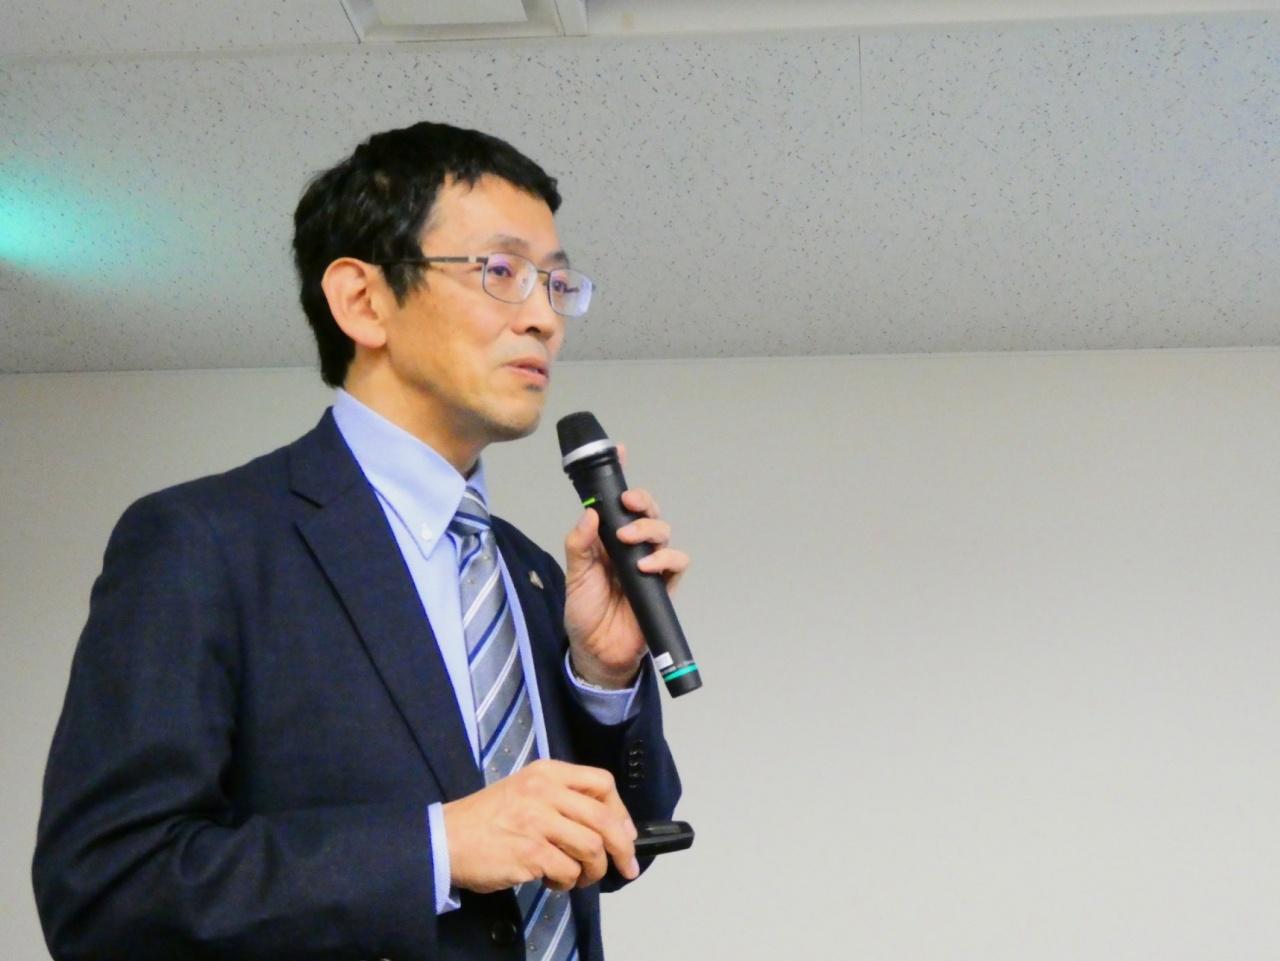 秋田真志 弁護士(大阪弁護士会・SBS検証プロジェクト共同代表・犯罪学研究センター嘱託研究員)